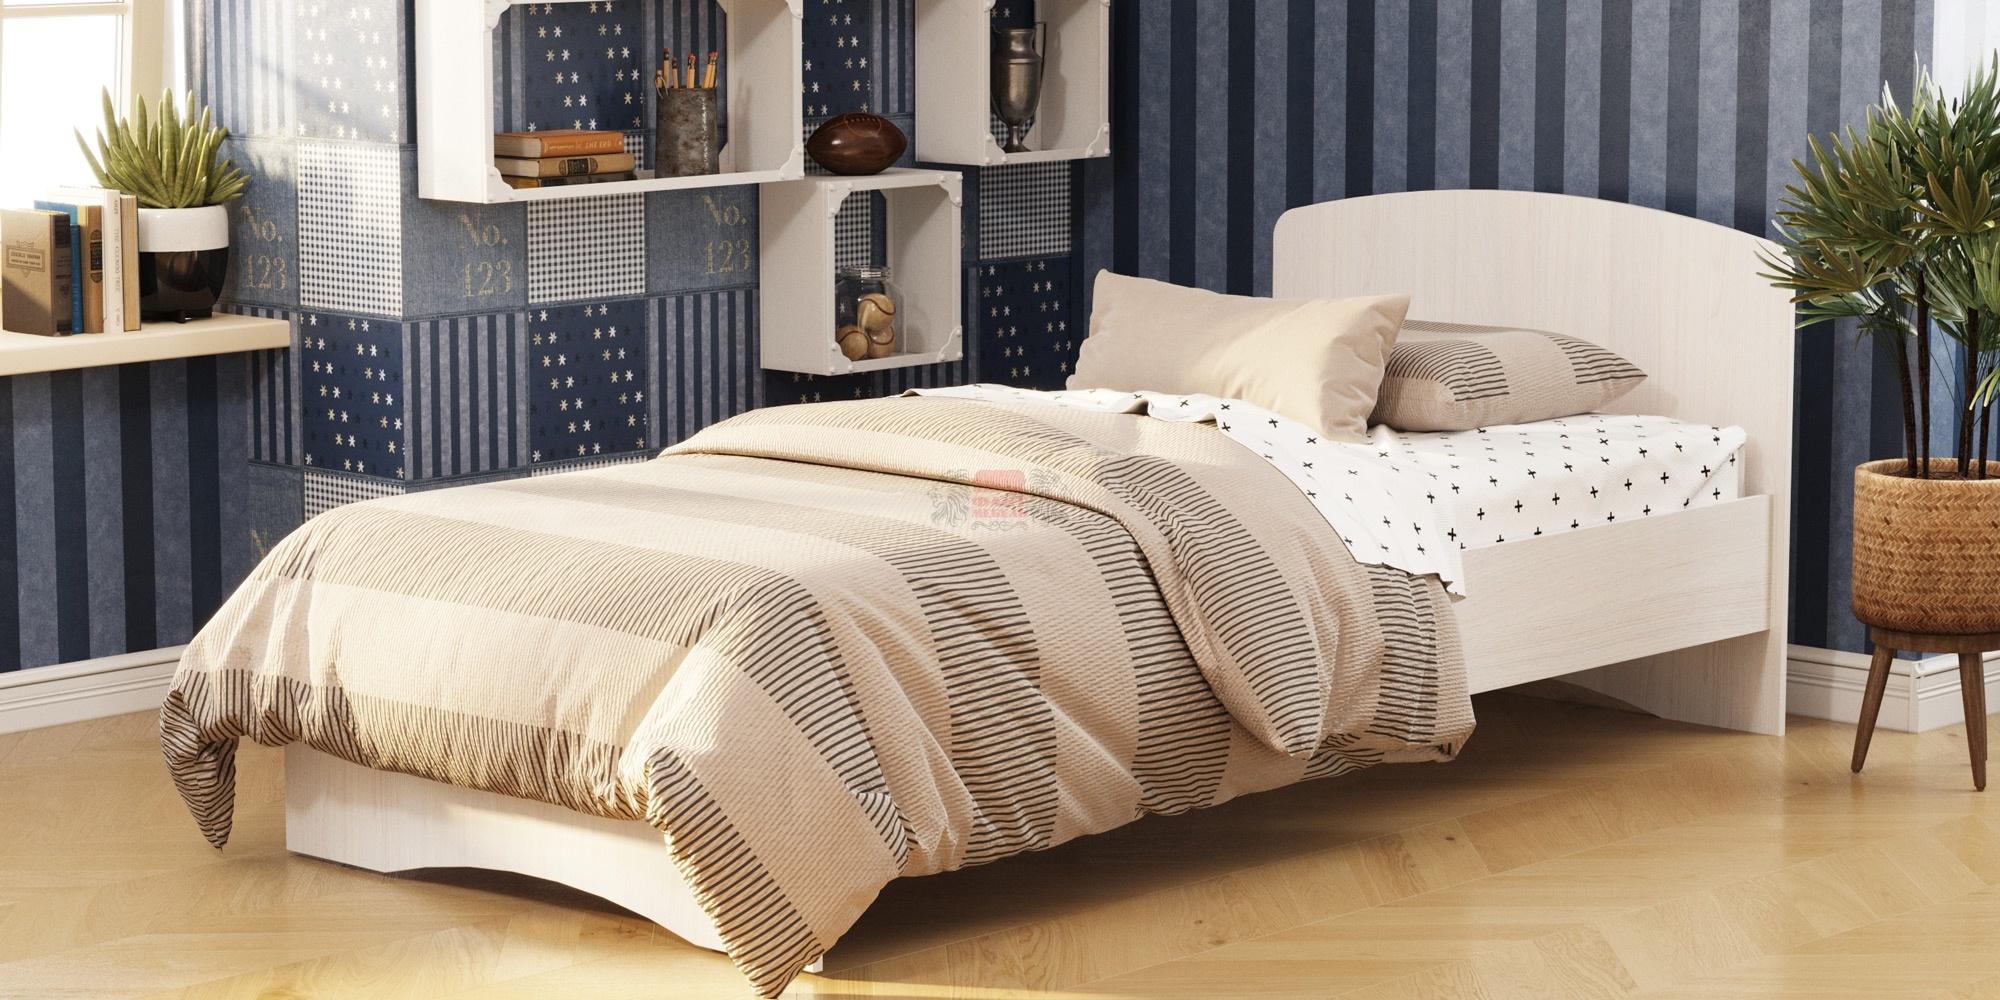 Кровать №2 одинарная